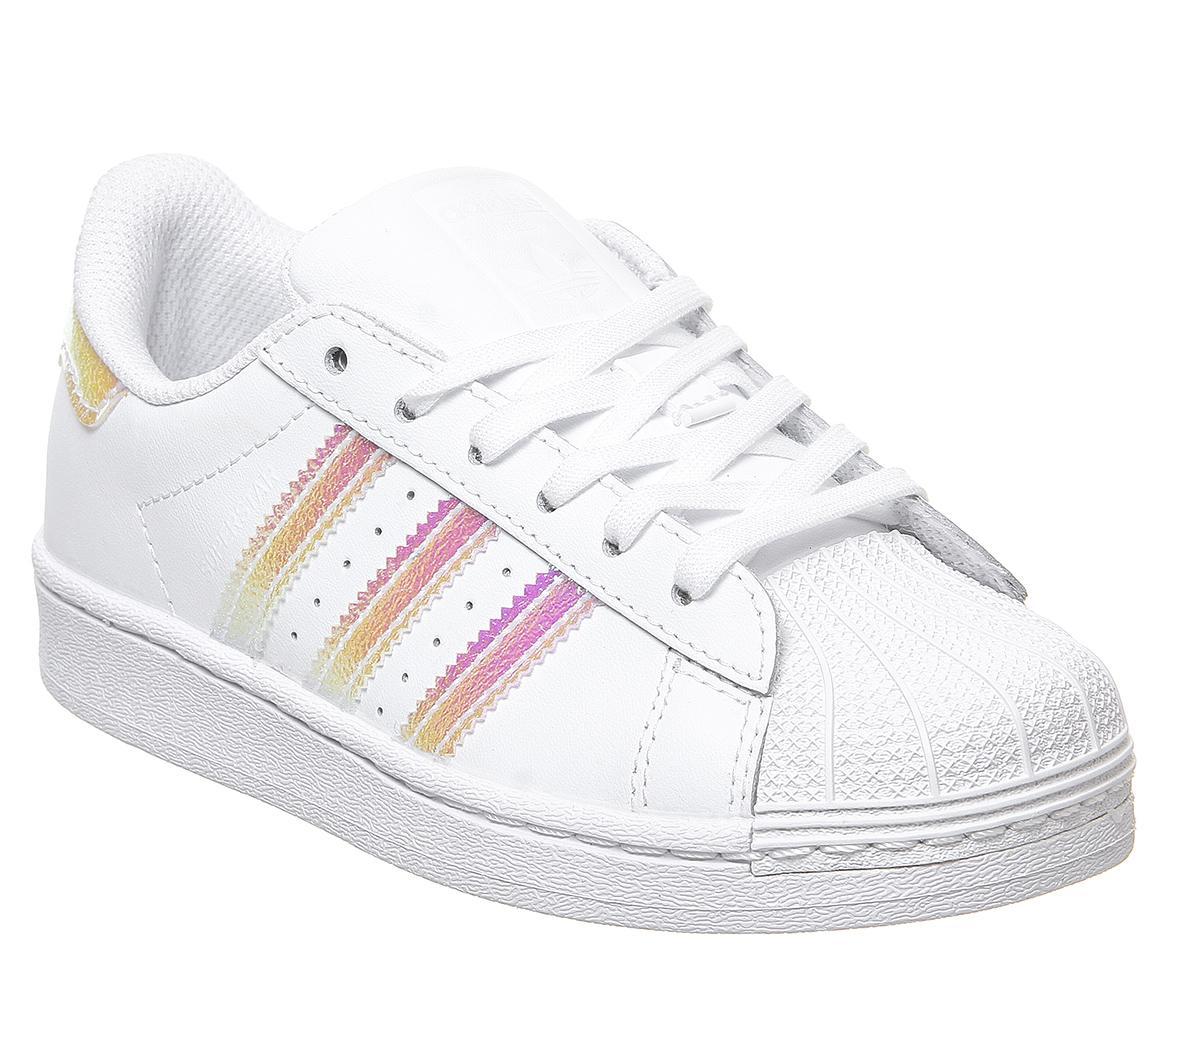 adidas superstar iridescent 33